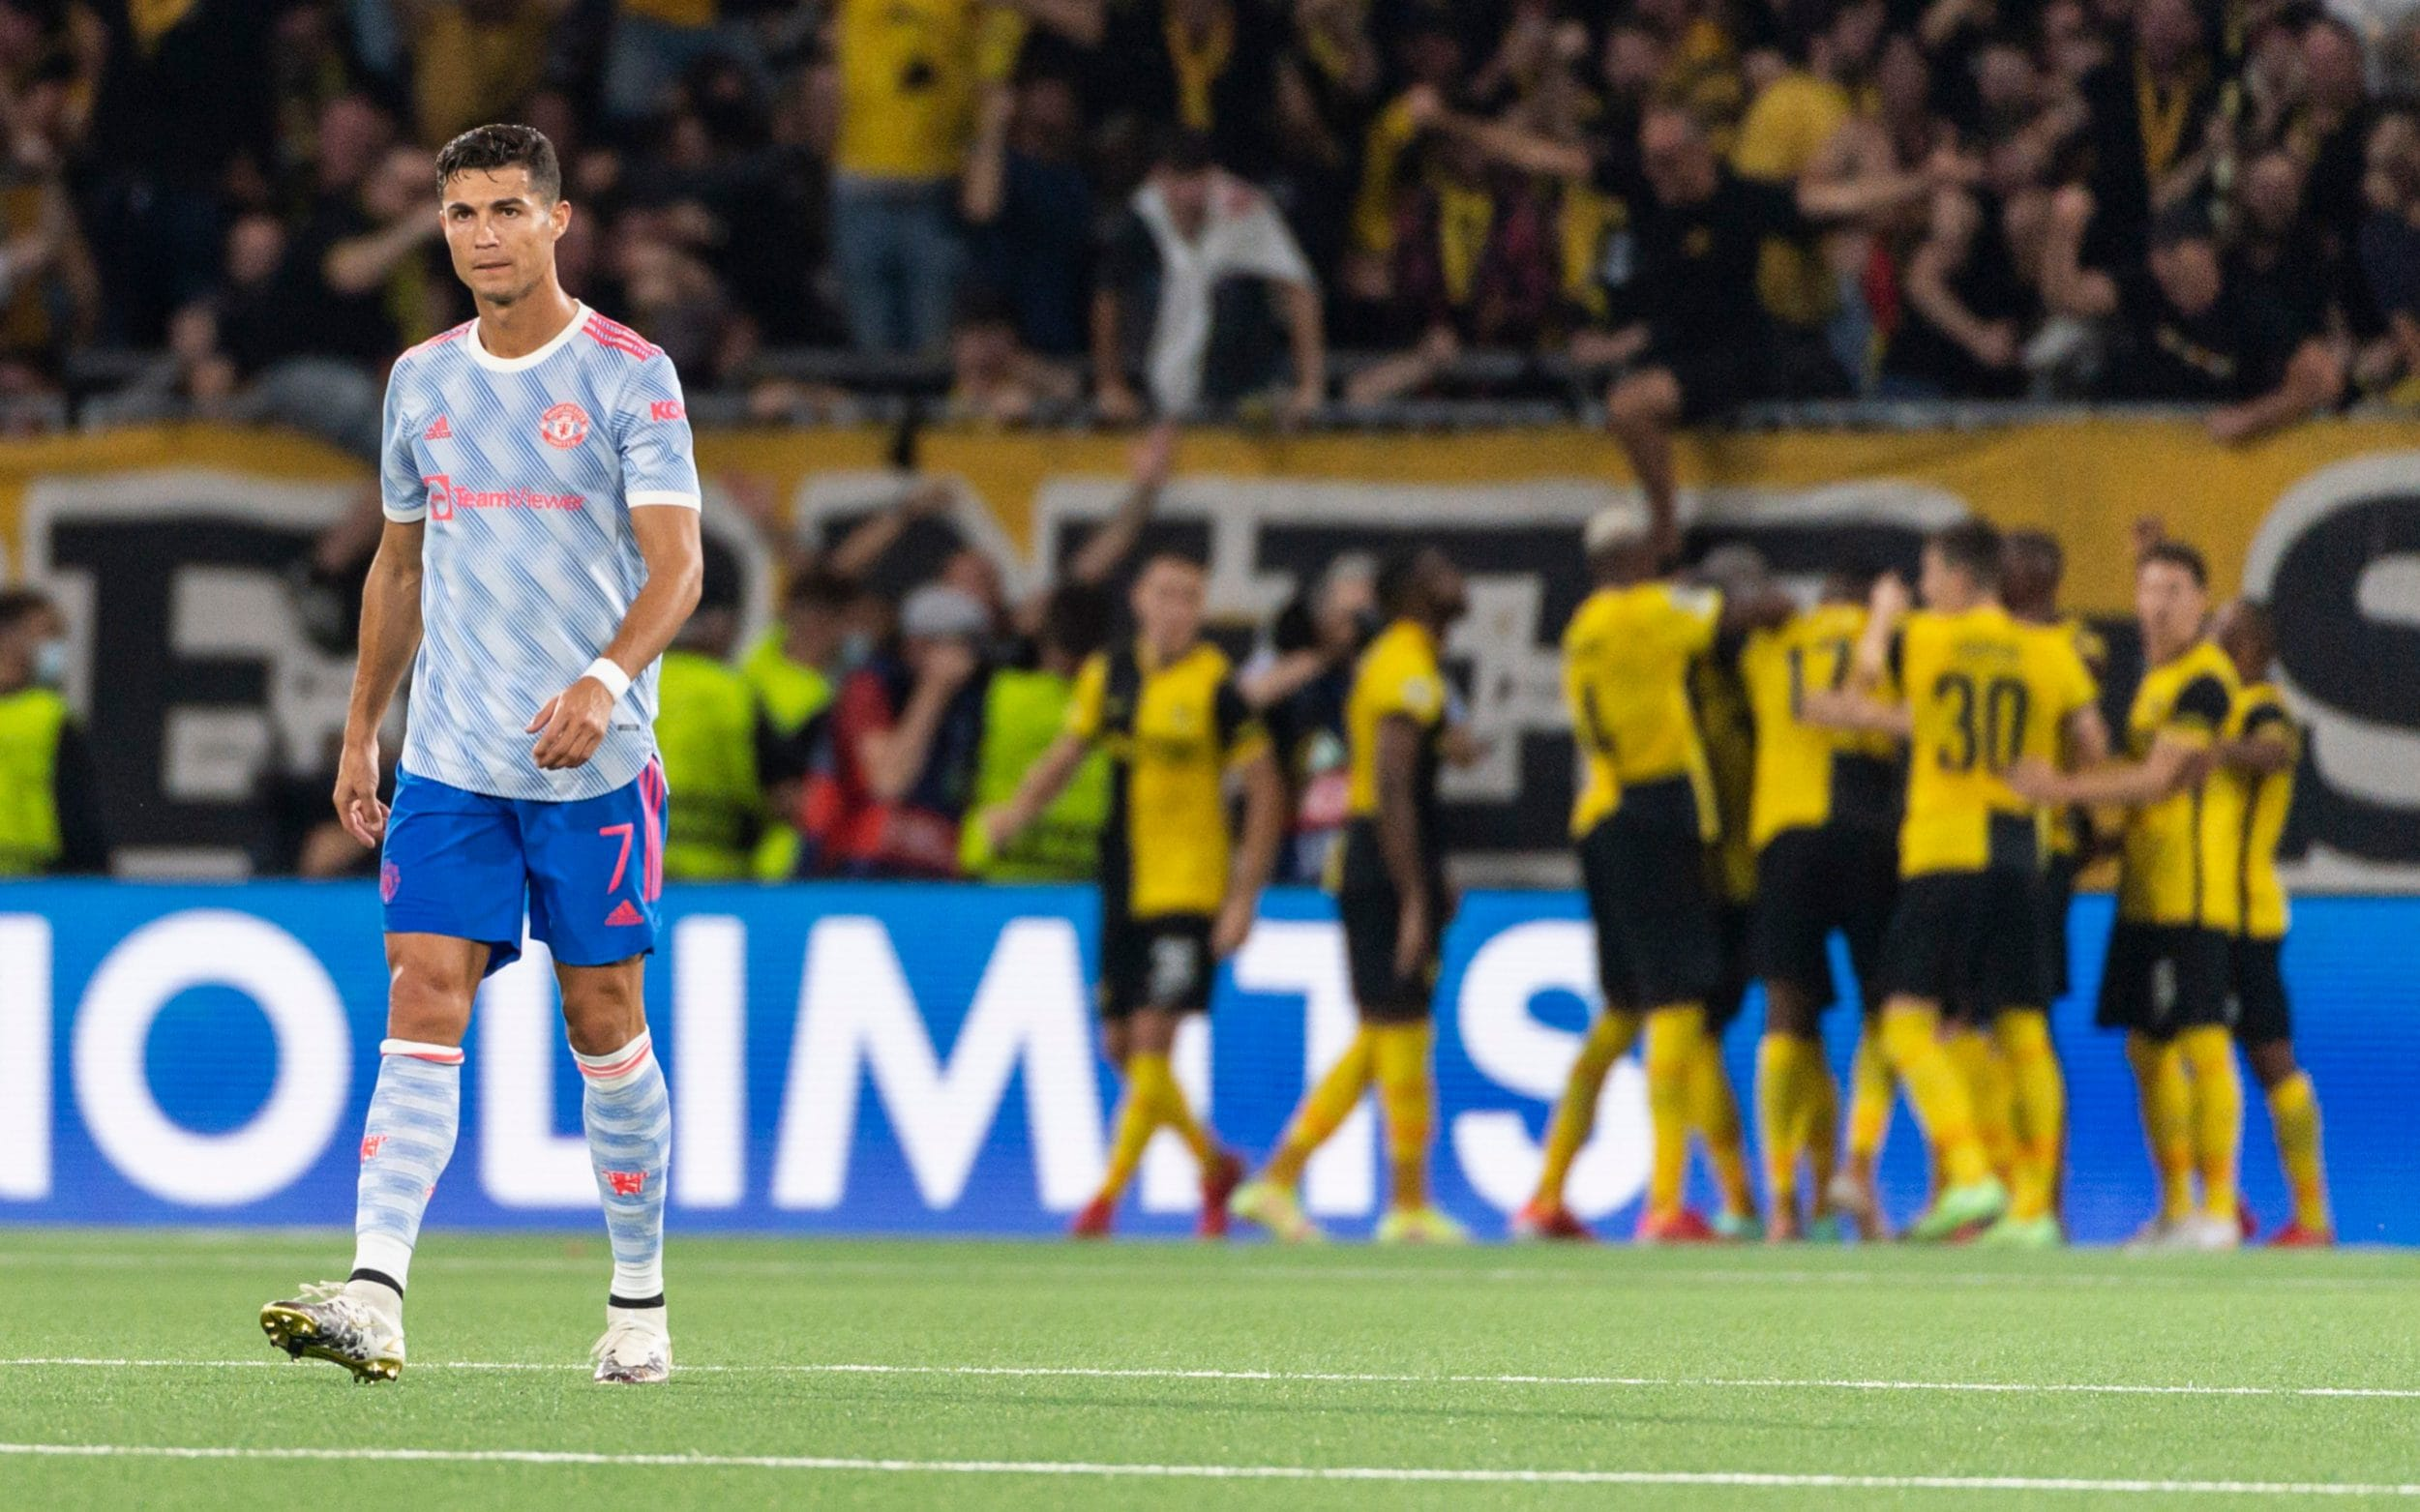 10 thống kê Young Boys 2-1 M.U: Đẳng cấp Ronaldo; Ký ức Nani hiện về - ảnh 3